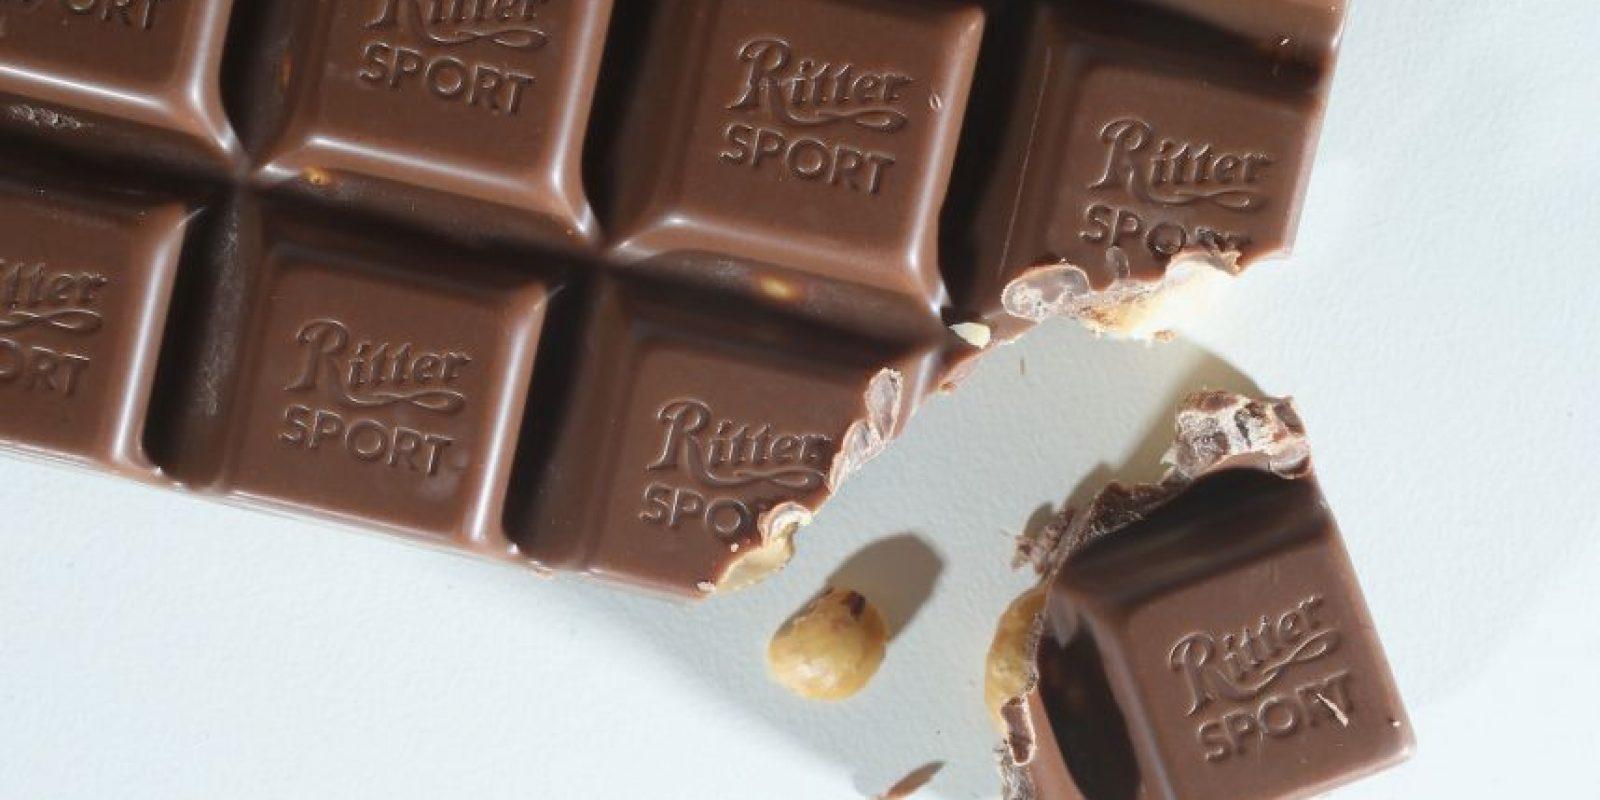 De acuerdo con un estudio publicado en la revista The Journal of Sexual Medicine, las mujeres que comen al menos un poco de chocolate negro al día experimentan mayor deseo sexual y tienen relaciones sexuales más placenteras. Foto:Gettty Images